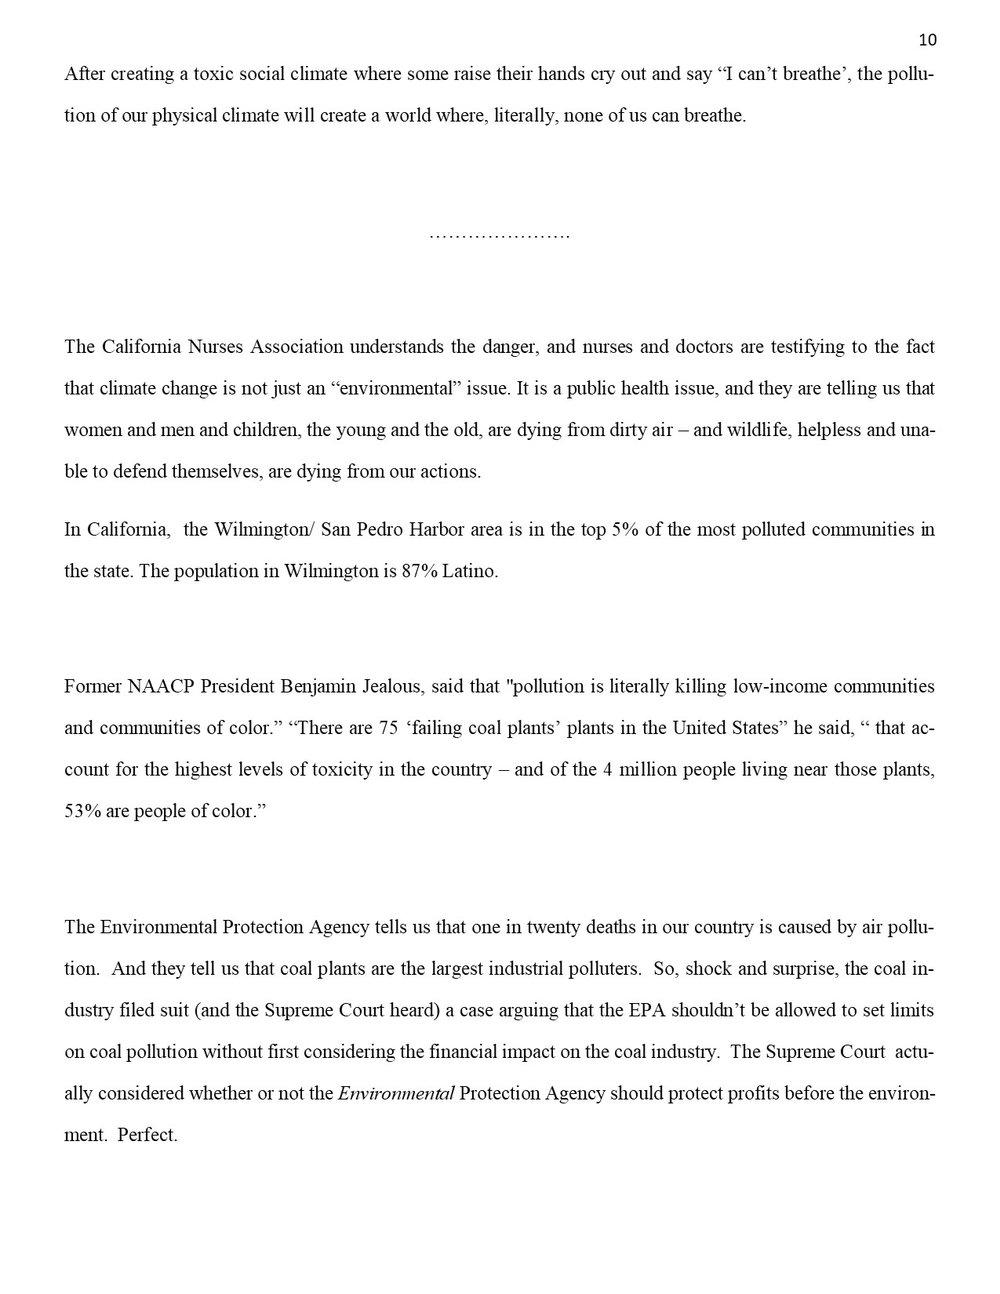 Story of a Hillside - Sabina Virgo (Prose, Essay)-10.jpg